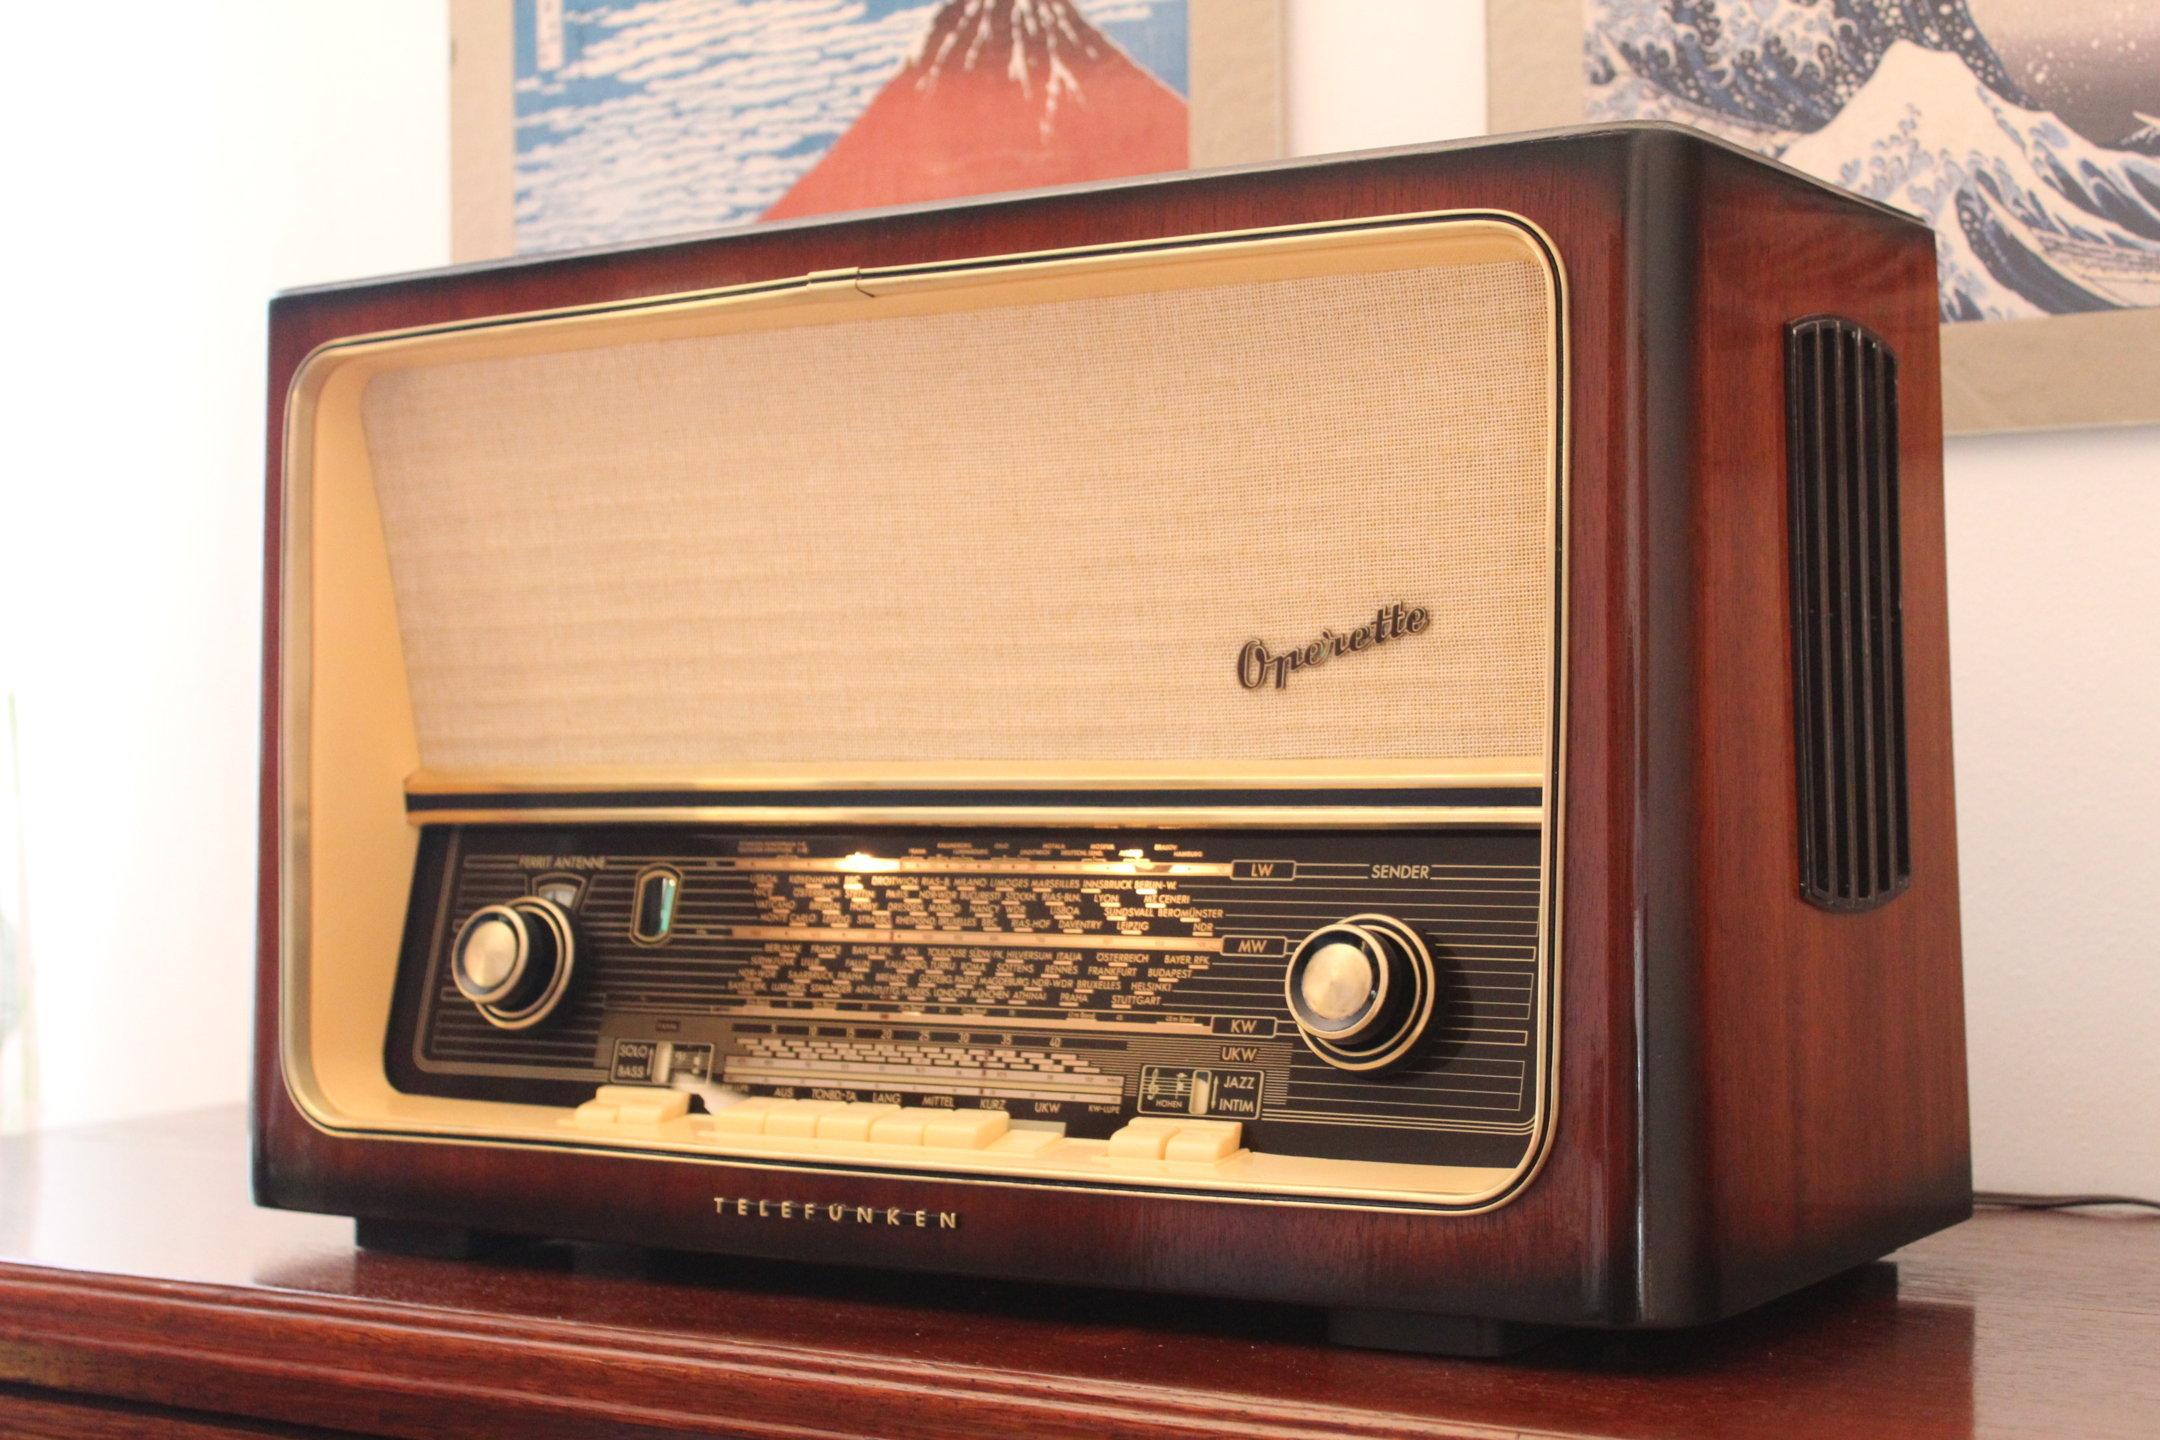 Telefunken Operette 8